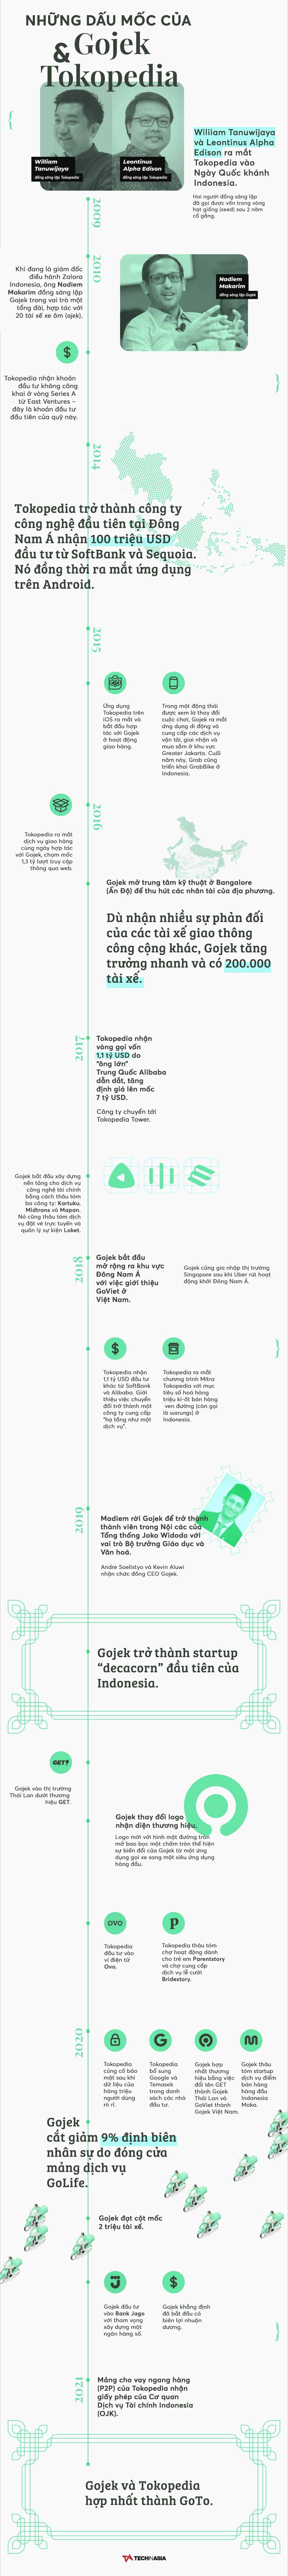 [Infographic] Hành trình một thập kỷ tạo ra công ty công nghệ hàng đầu Đông Nam Á của Gojek và Tokopedia - Ảnh 1.